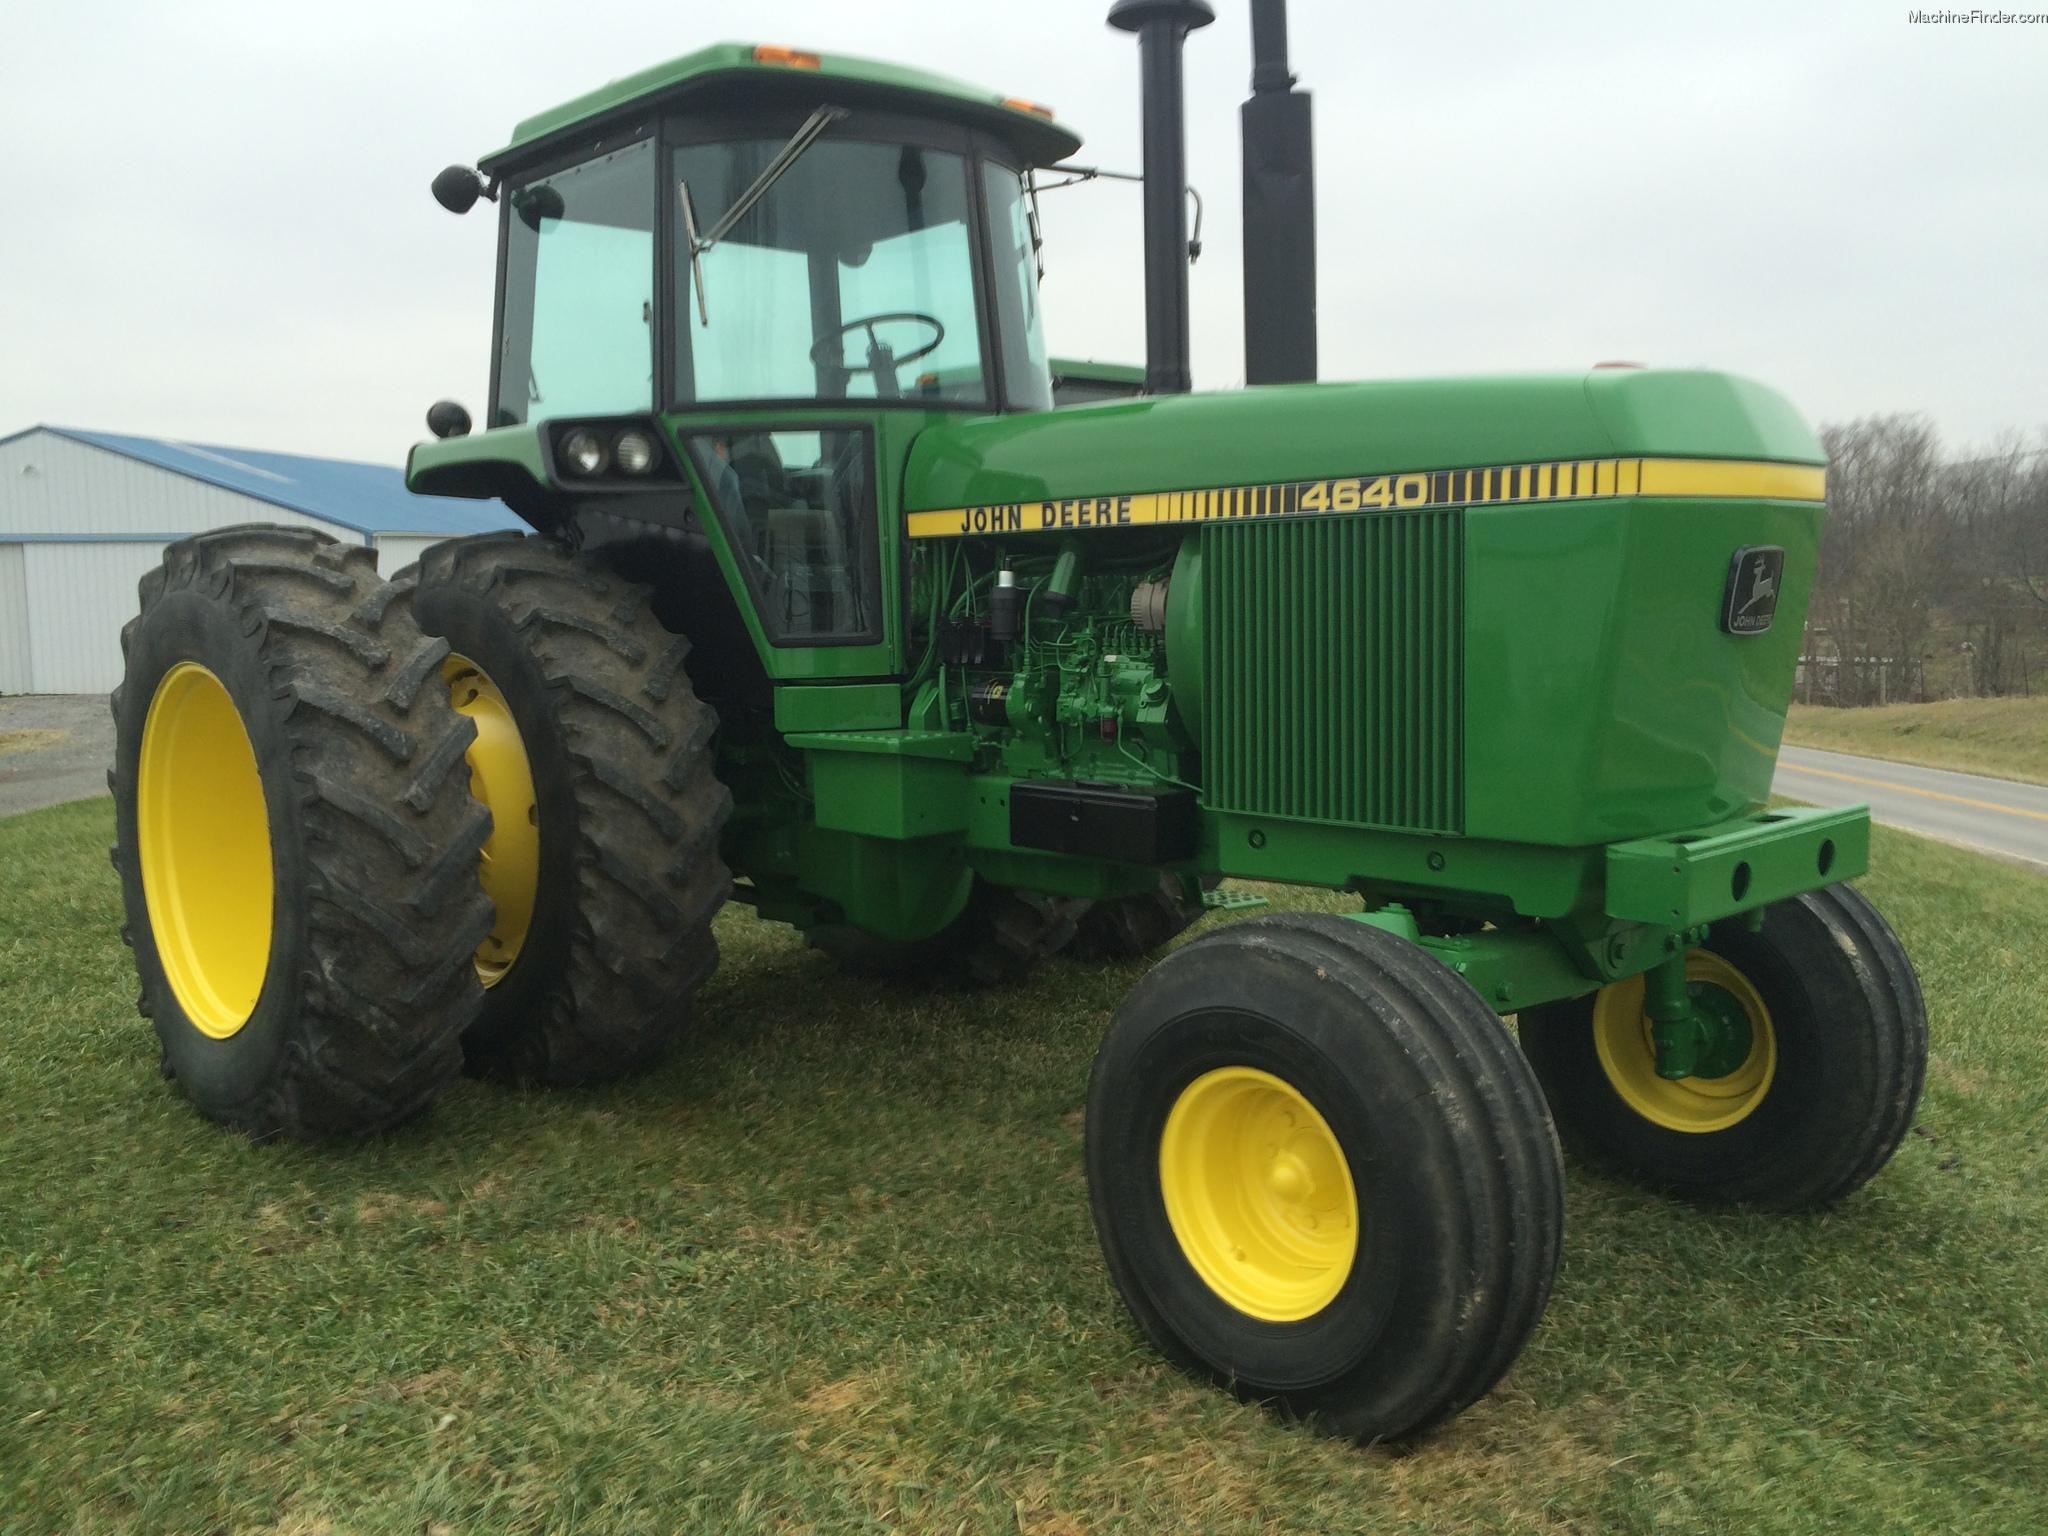 1980 John Deere 4640 Tractors - Row Crop (+100hp) - John ...